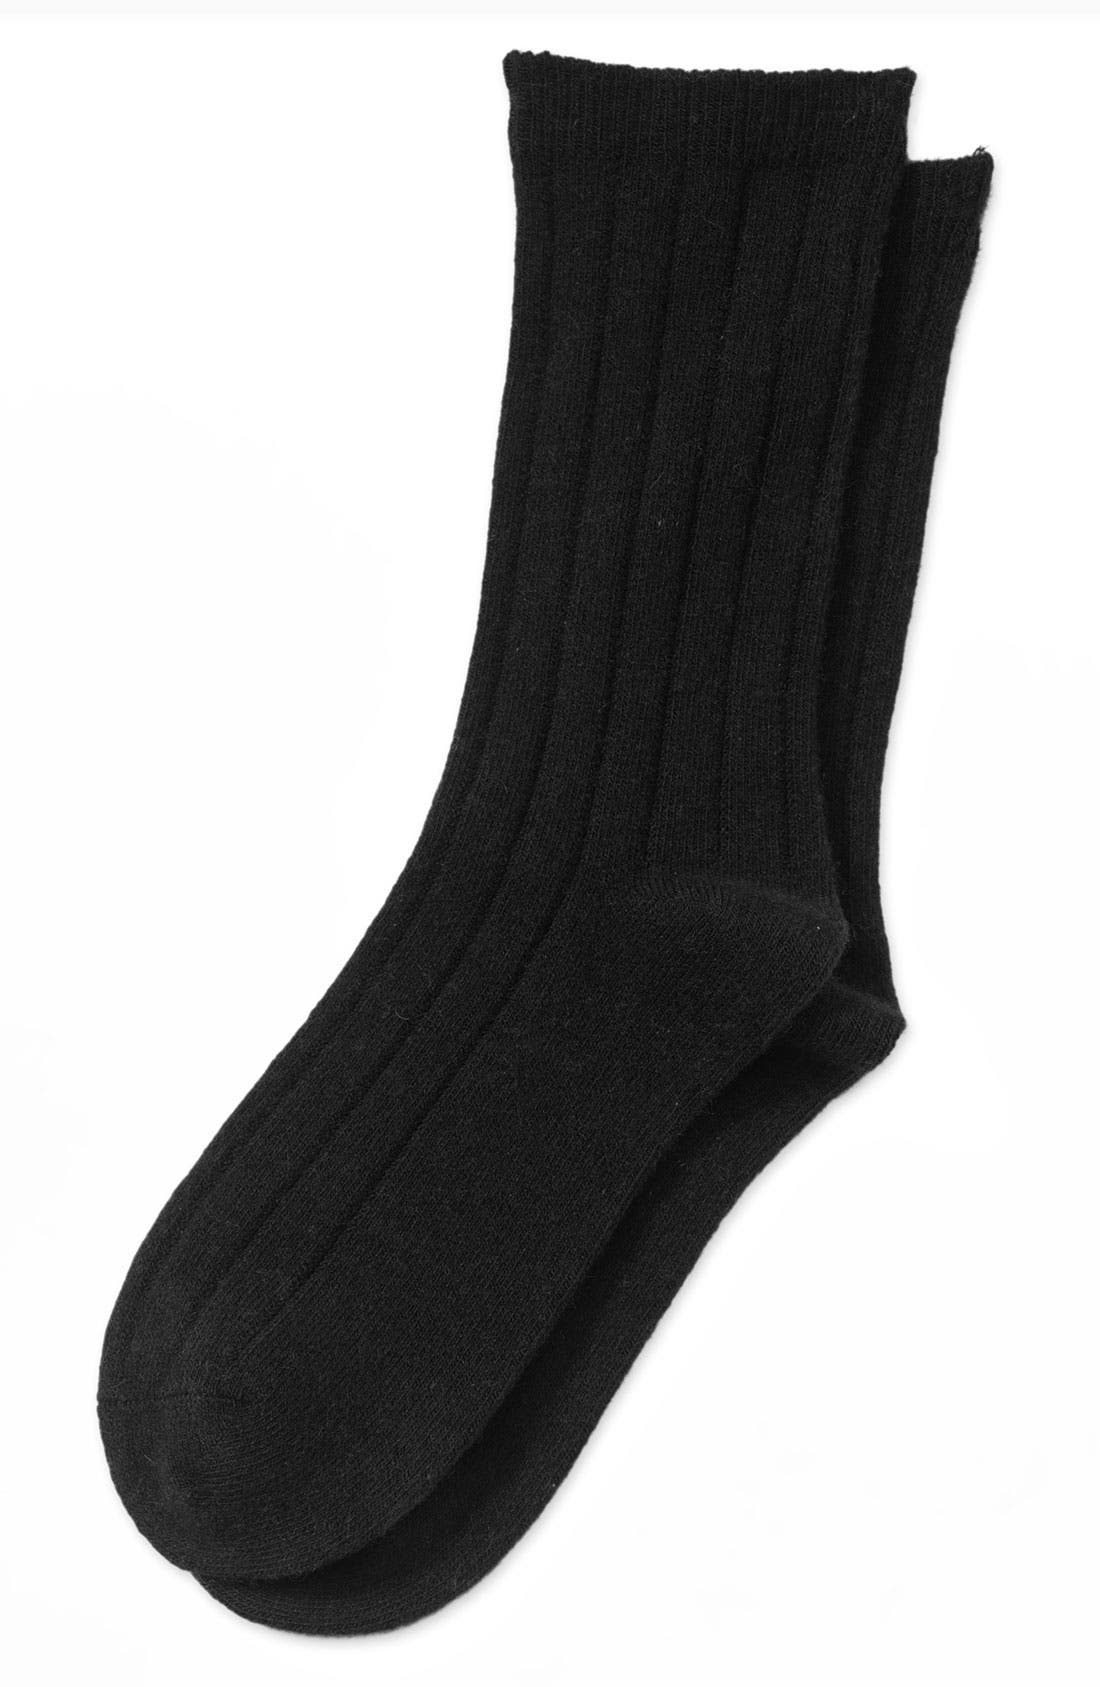 Ribbed Socks,                             Main thumbnail 1, color,                             001